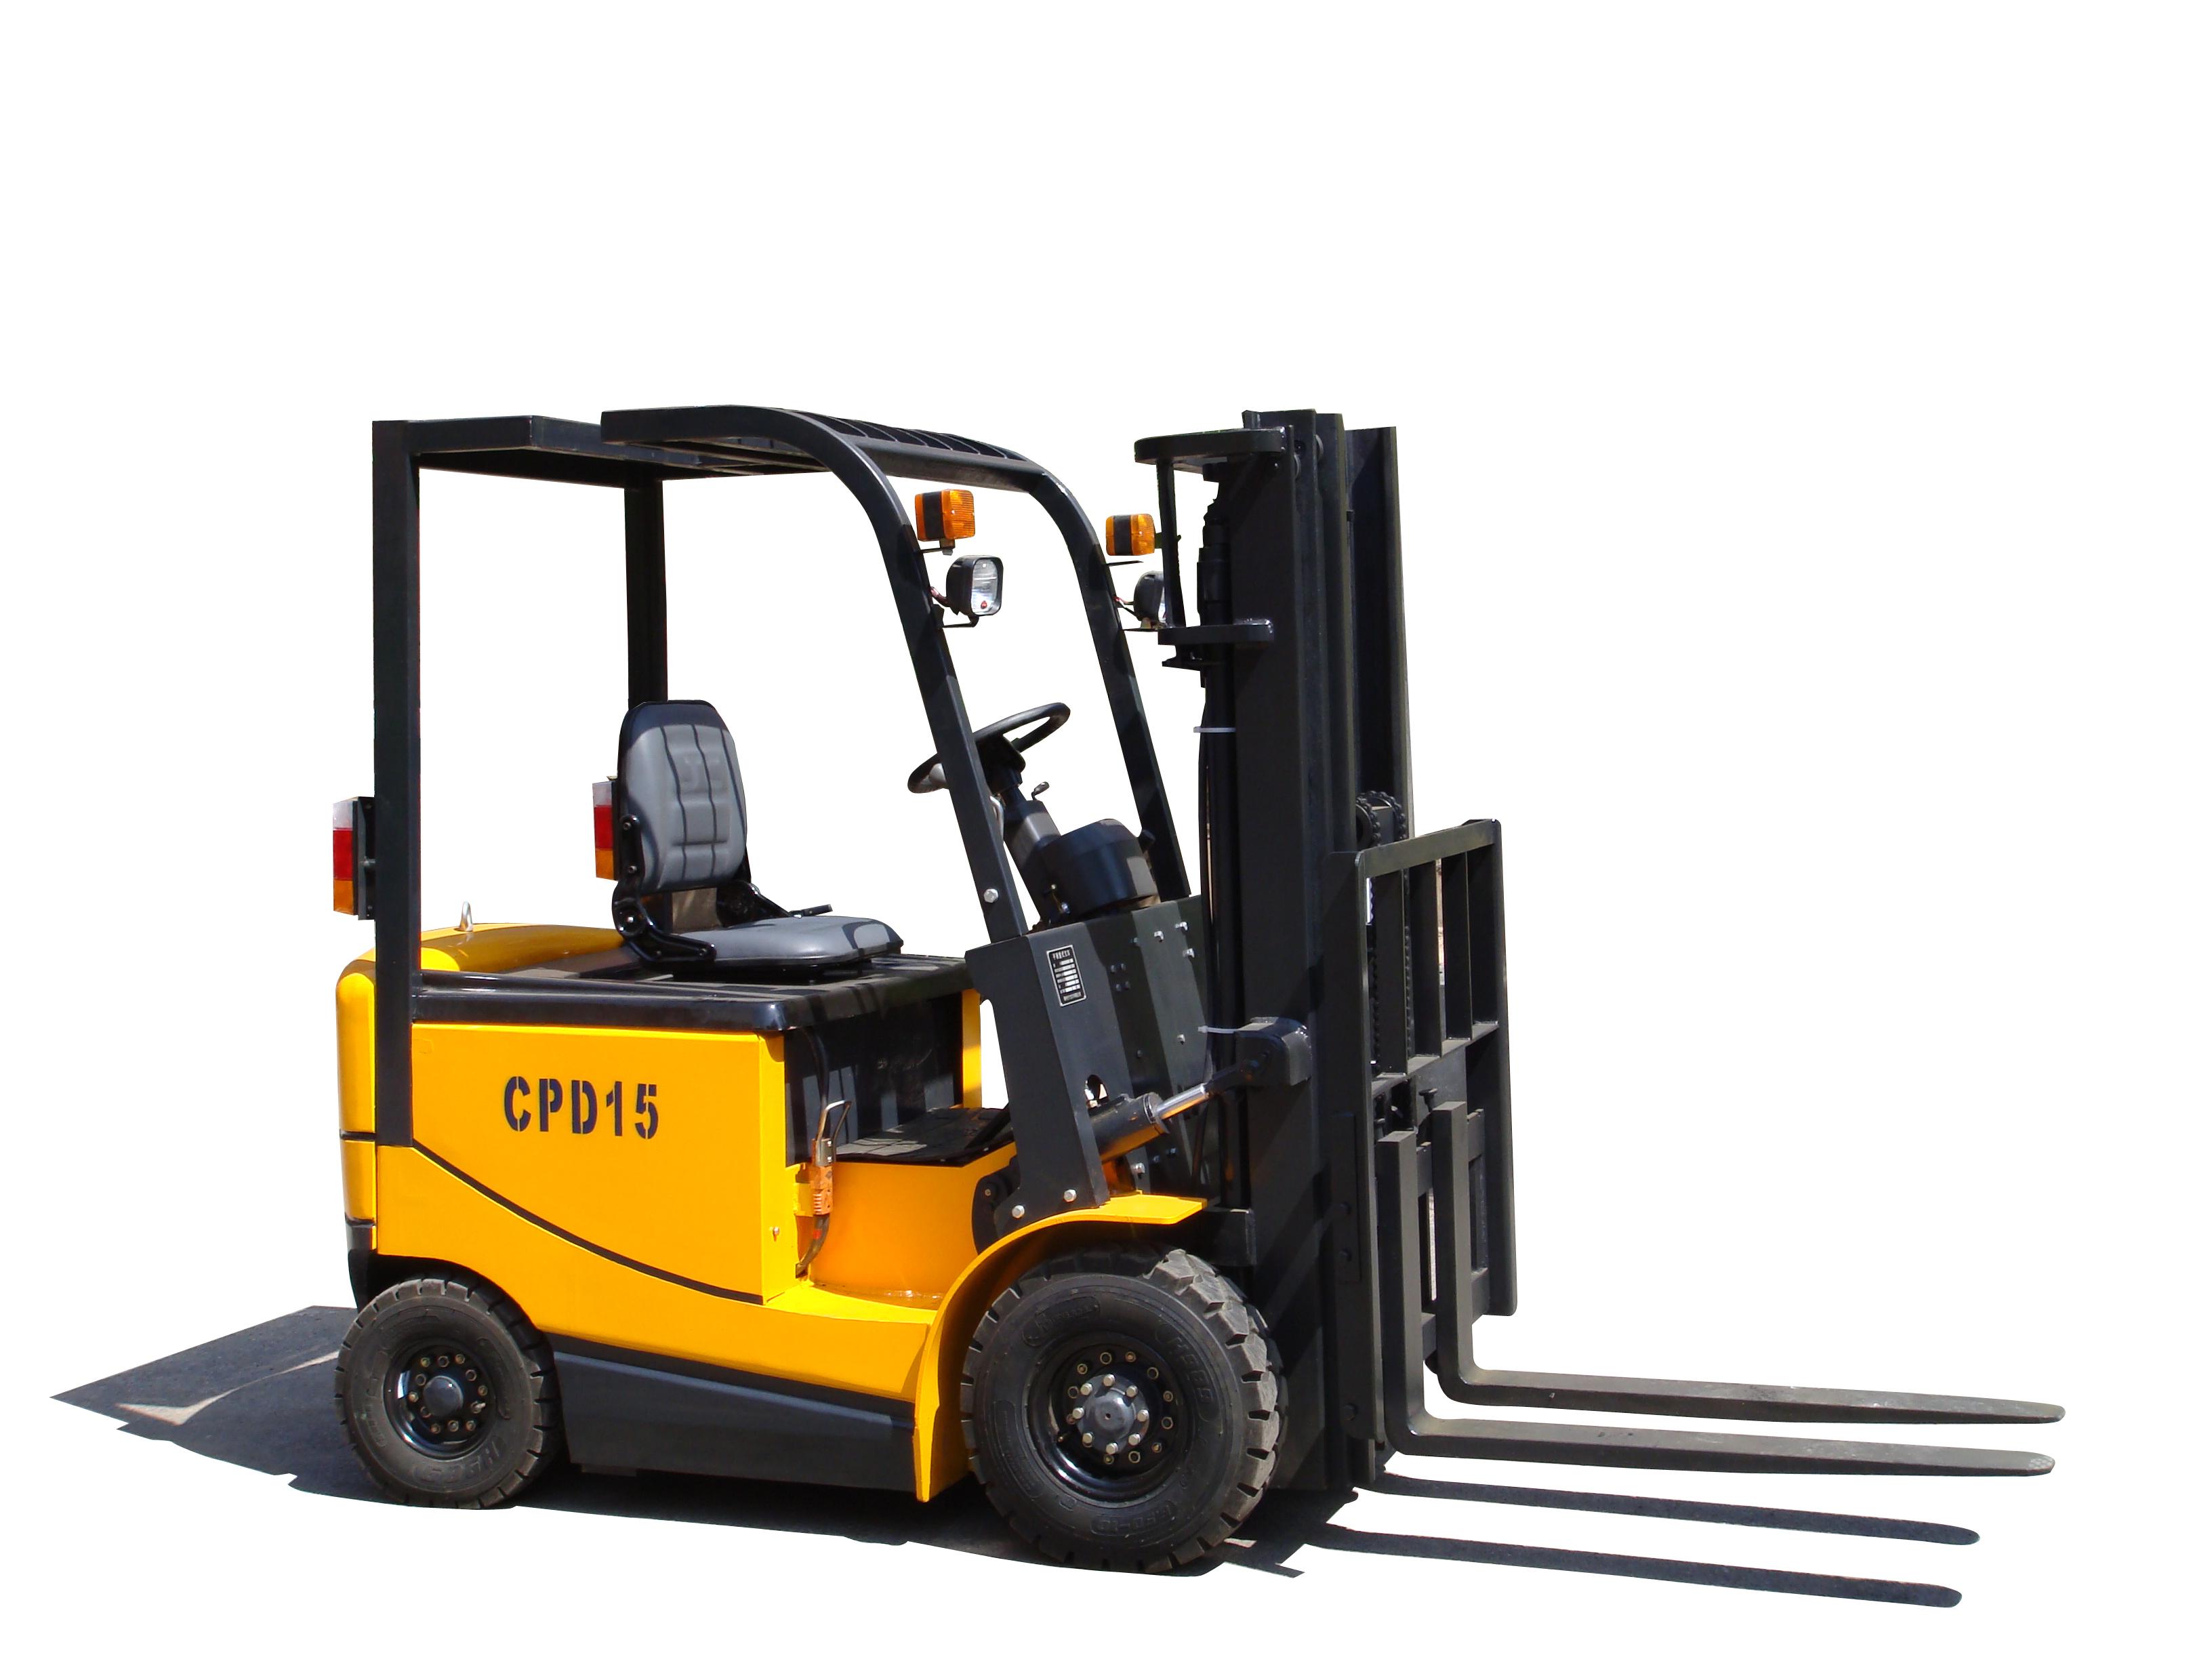 万力1.5 吨电动叉车高清图 - 外观